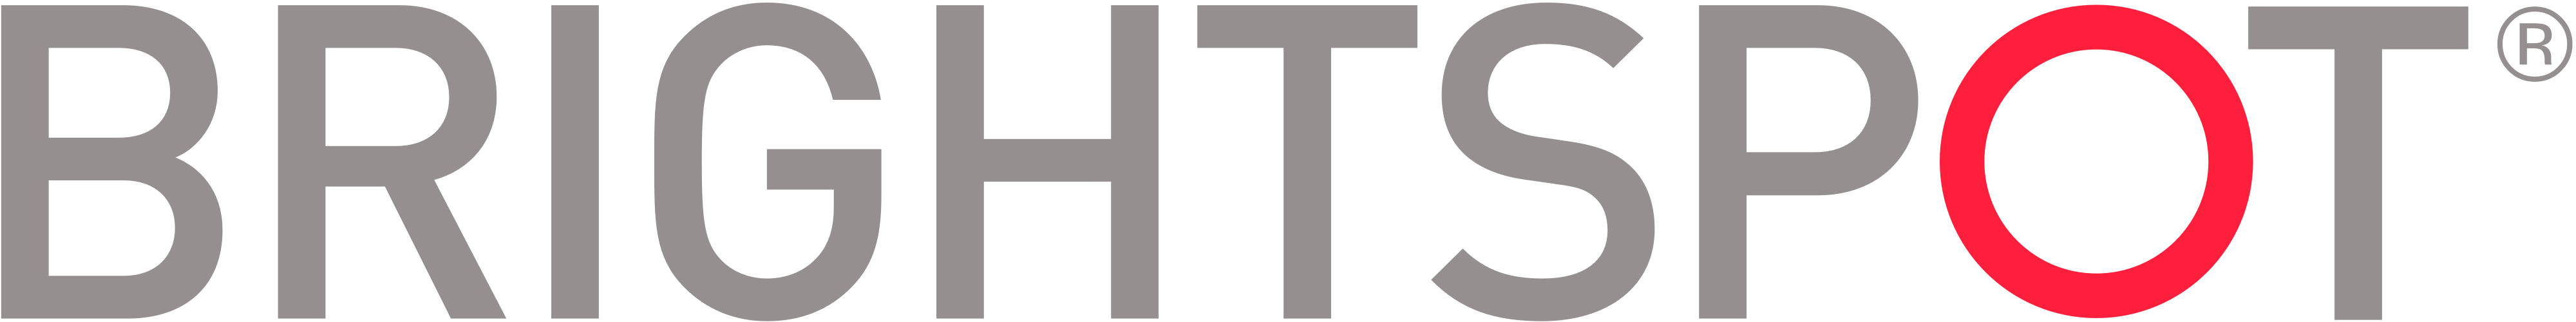 Brightspot Company Logo